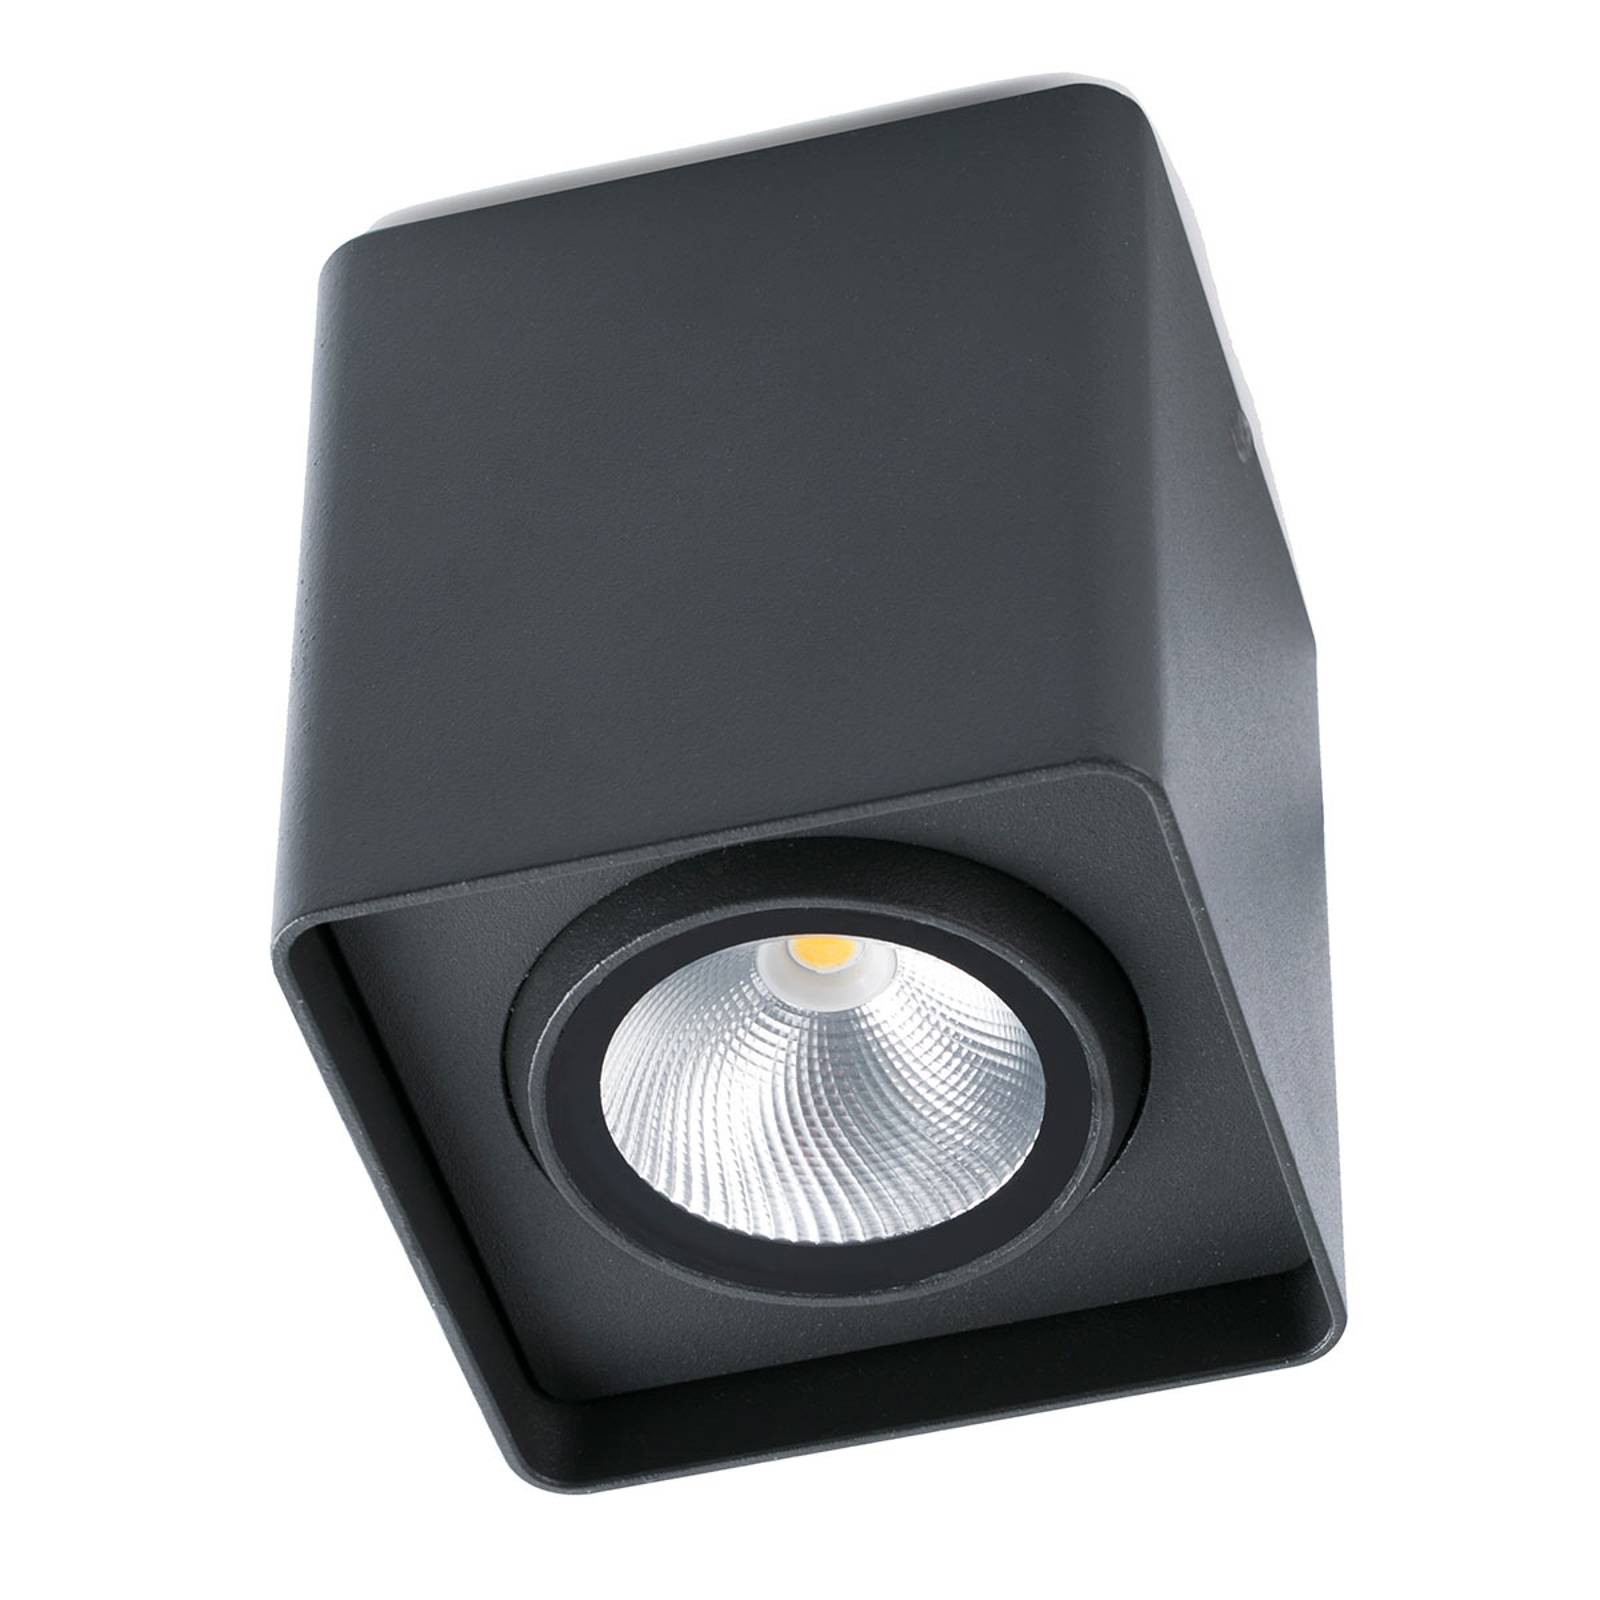 Dezenter LED-Deckenstrahler Tami für außen